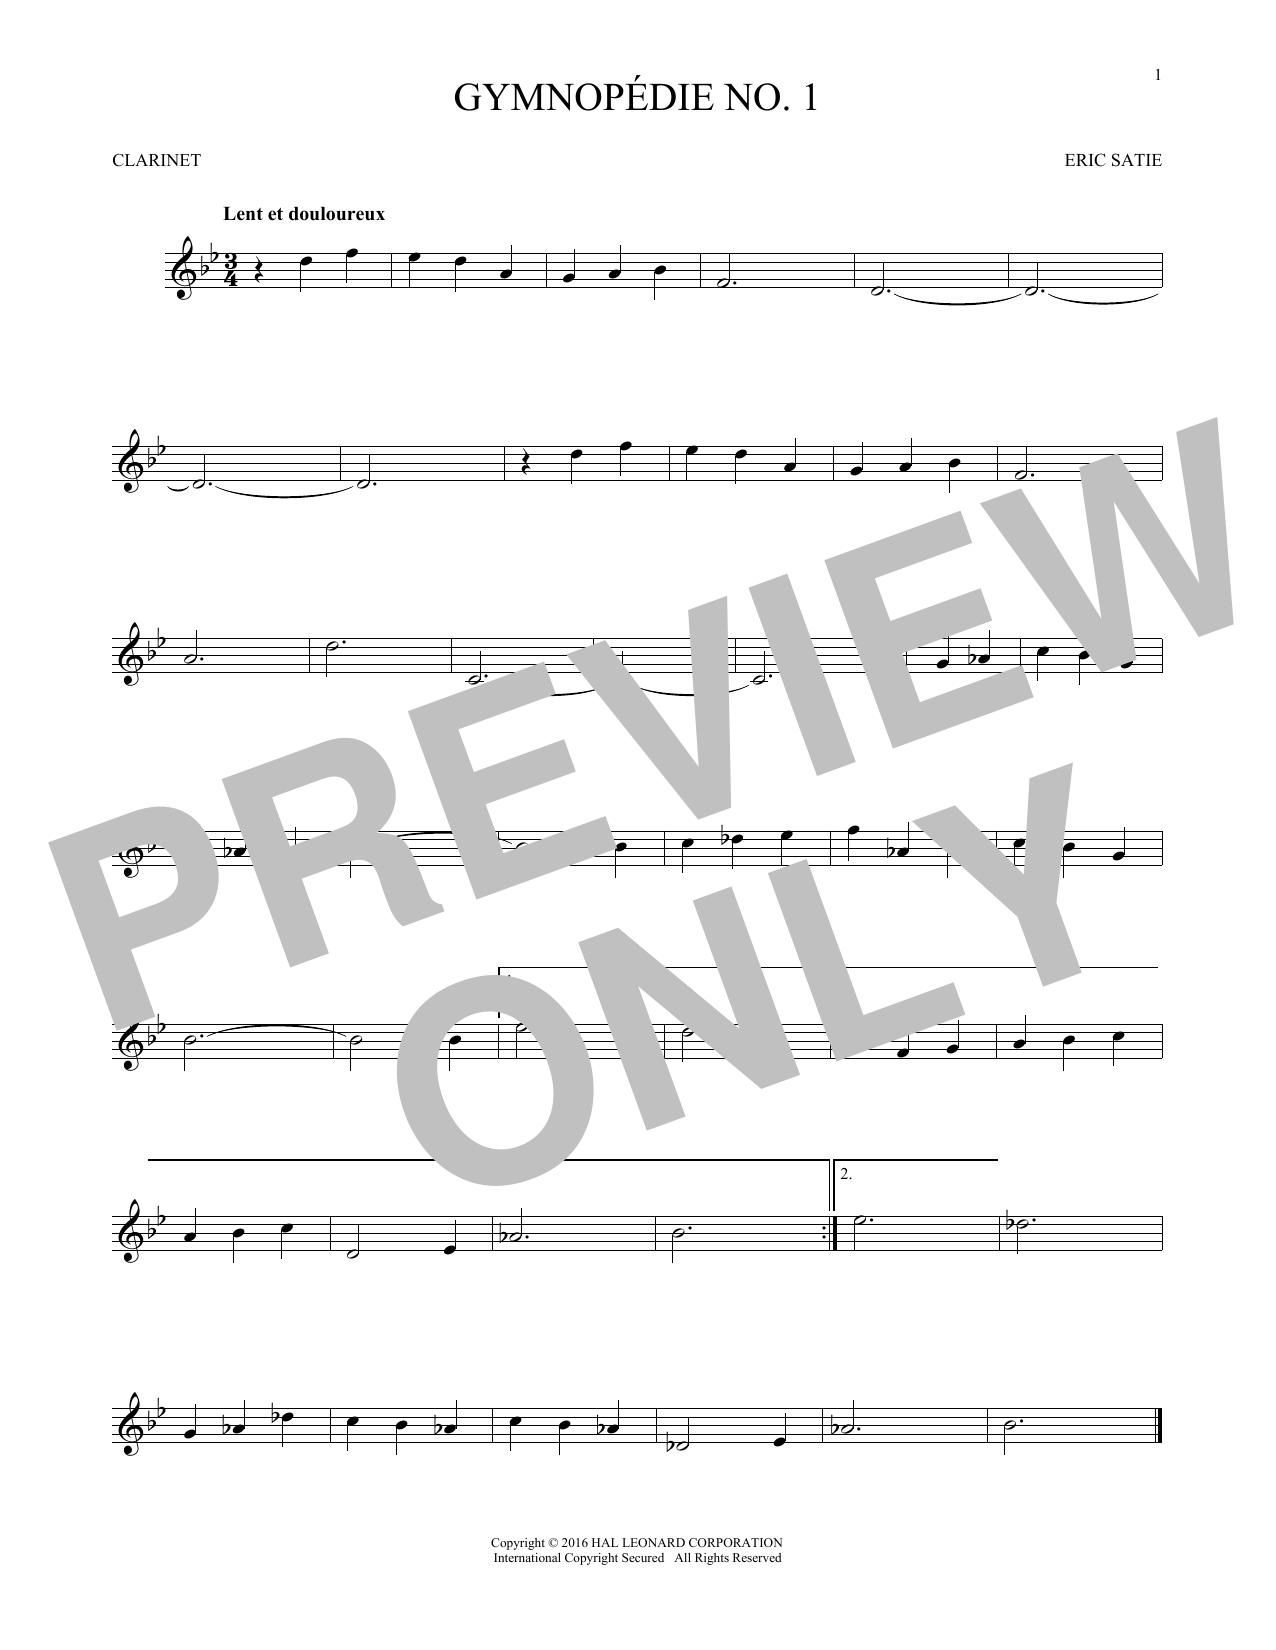 Gymnopedie No. 1 (Clarinet Solo)